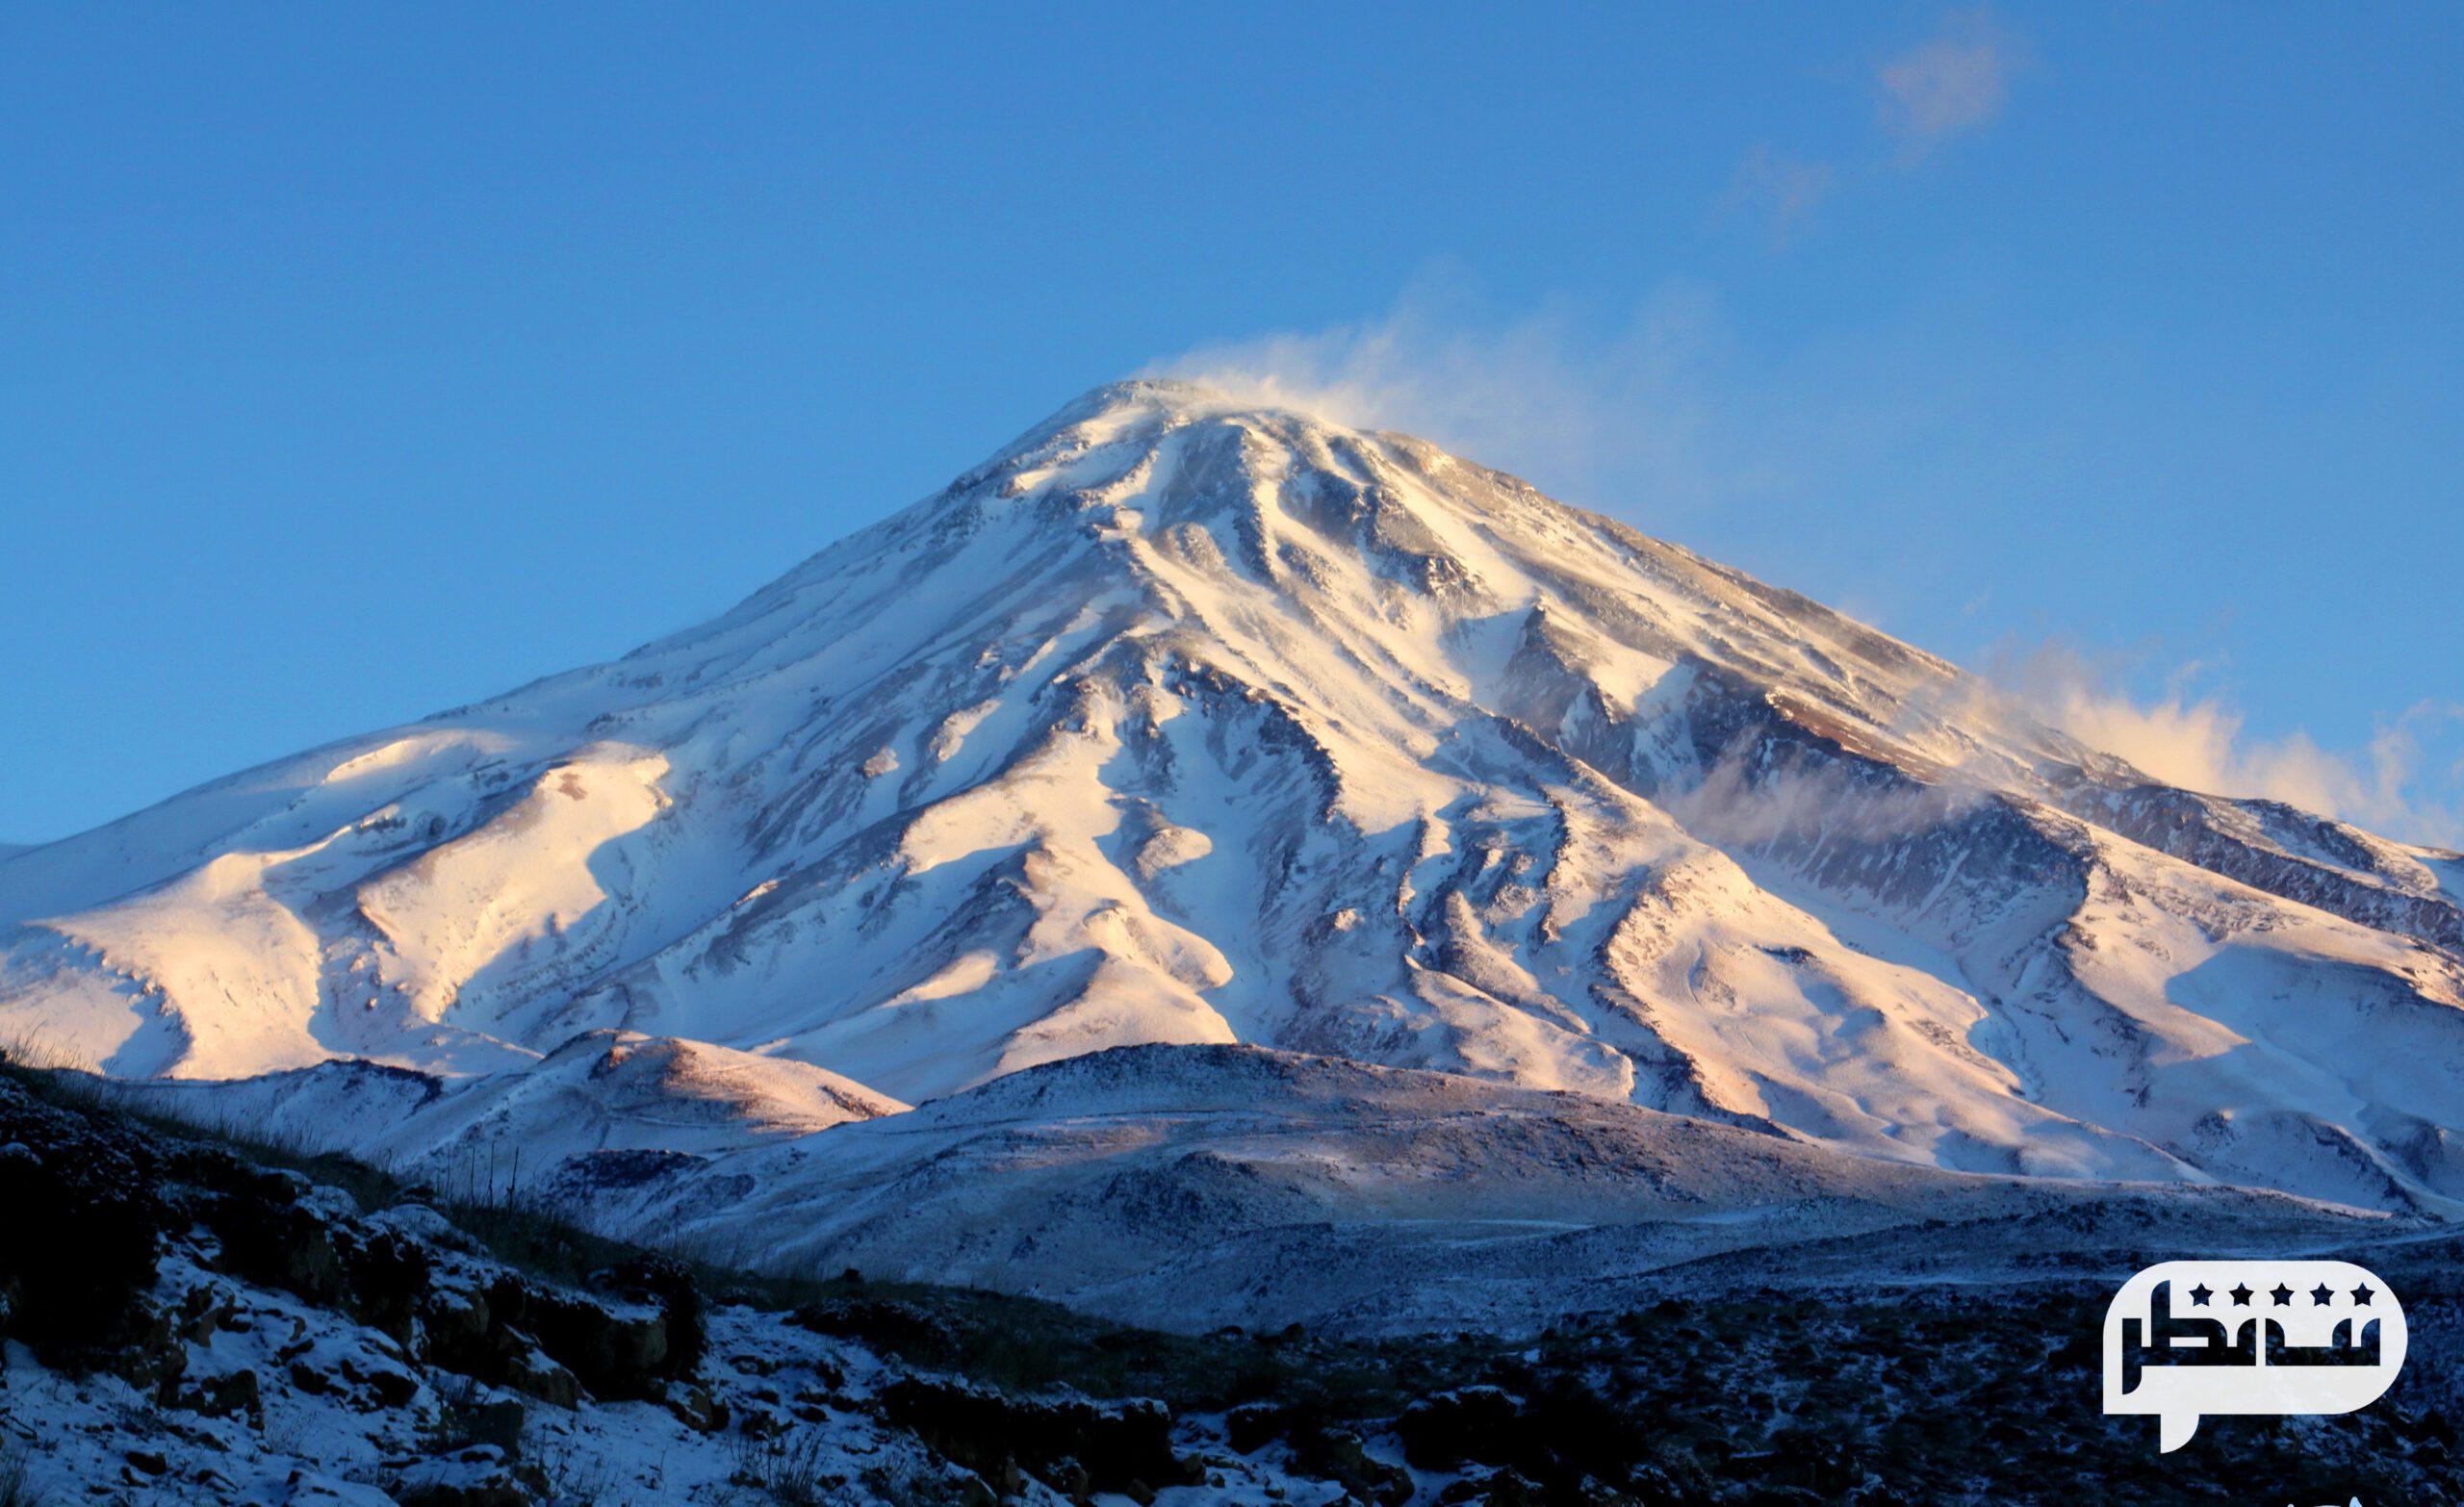 قله دماوند از کوه های فنی ایران